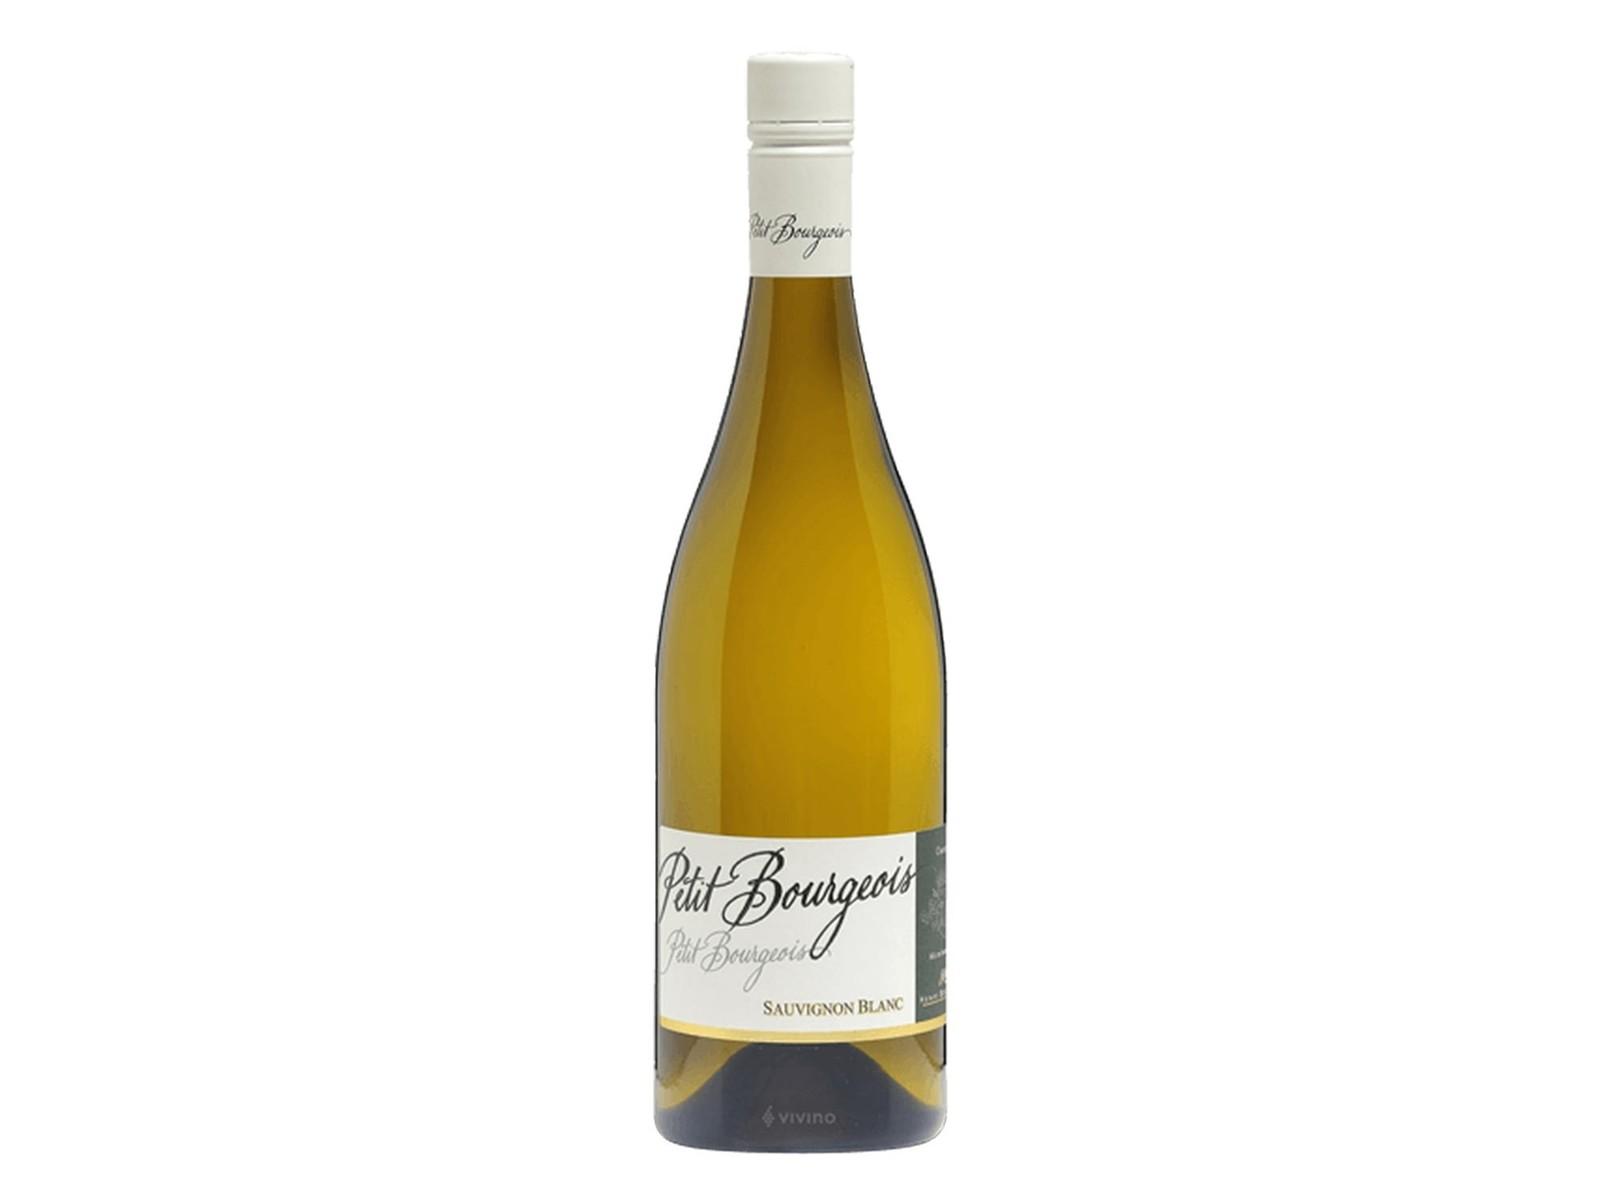 Petit Bourgeois Petit Bourgeois / Sauvignon Blanc